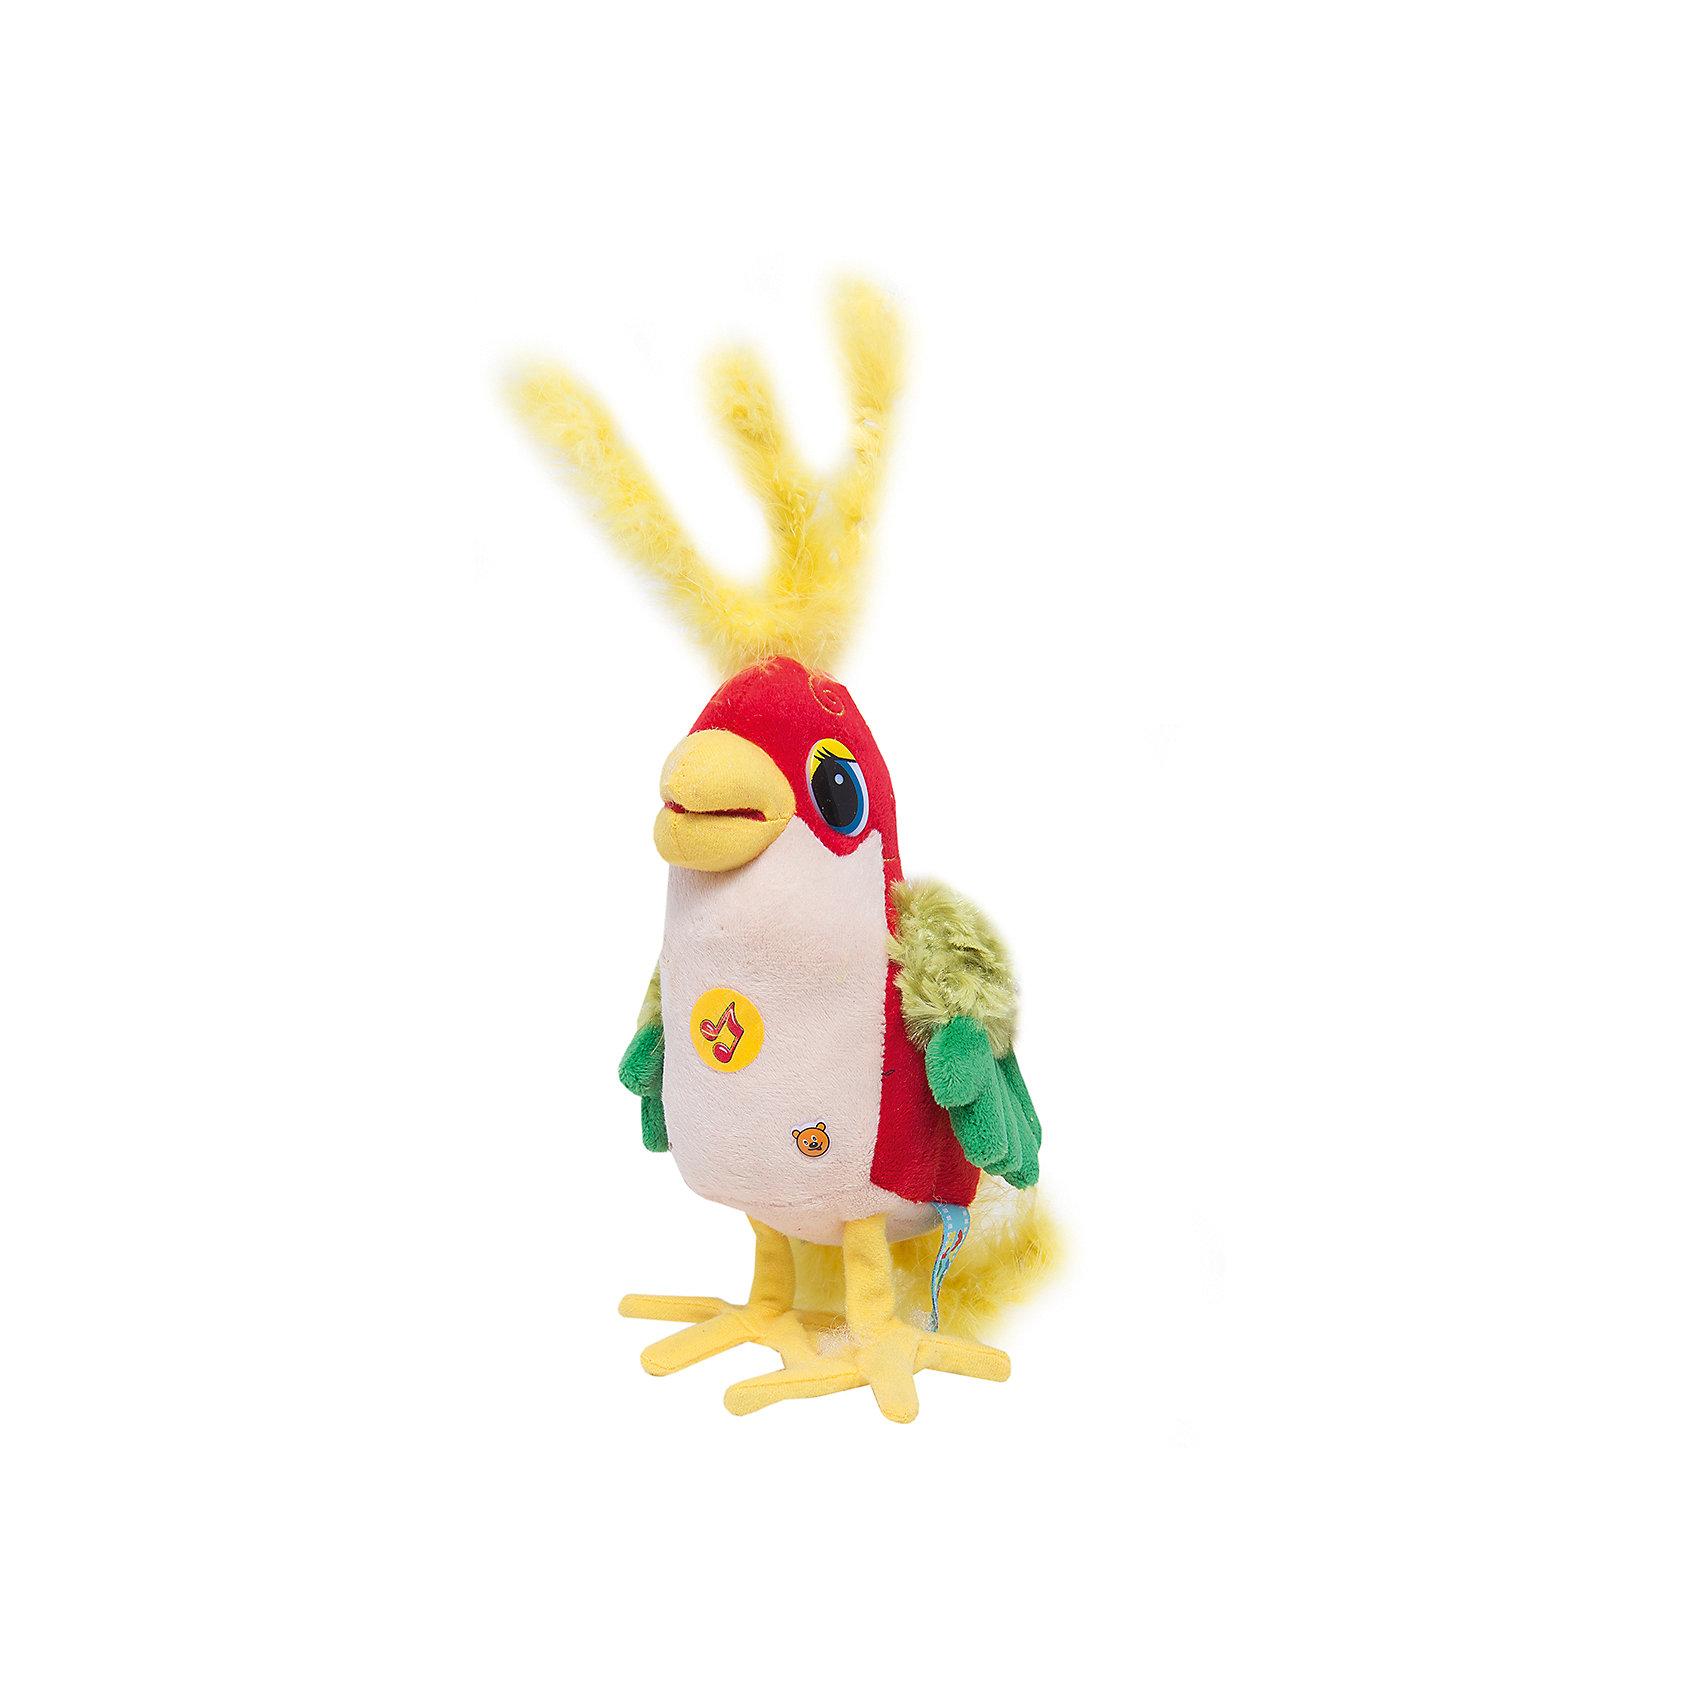 МУЛЬТИ-ПУЛЬТИ Мягкая игрушка Попугай, 20 см, 38 попугаев, МУЛЬТИ-ПУЛЬТИ мульти пульти мягкая игрушка мульти пульти попугай голубчик